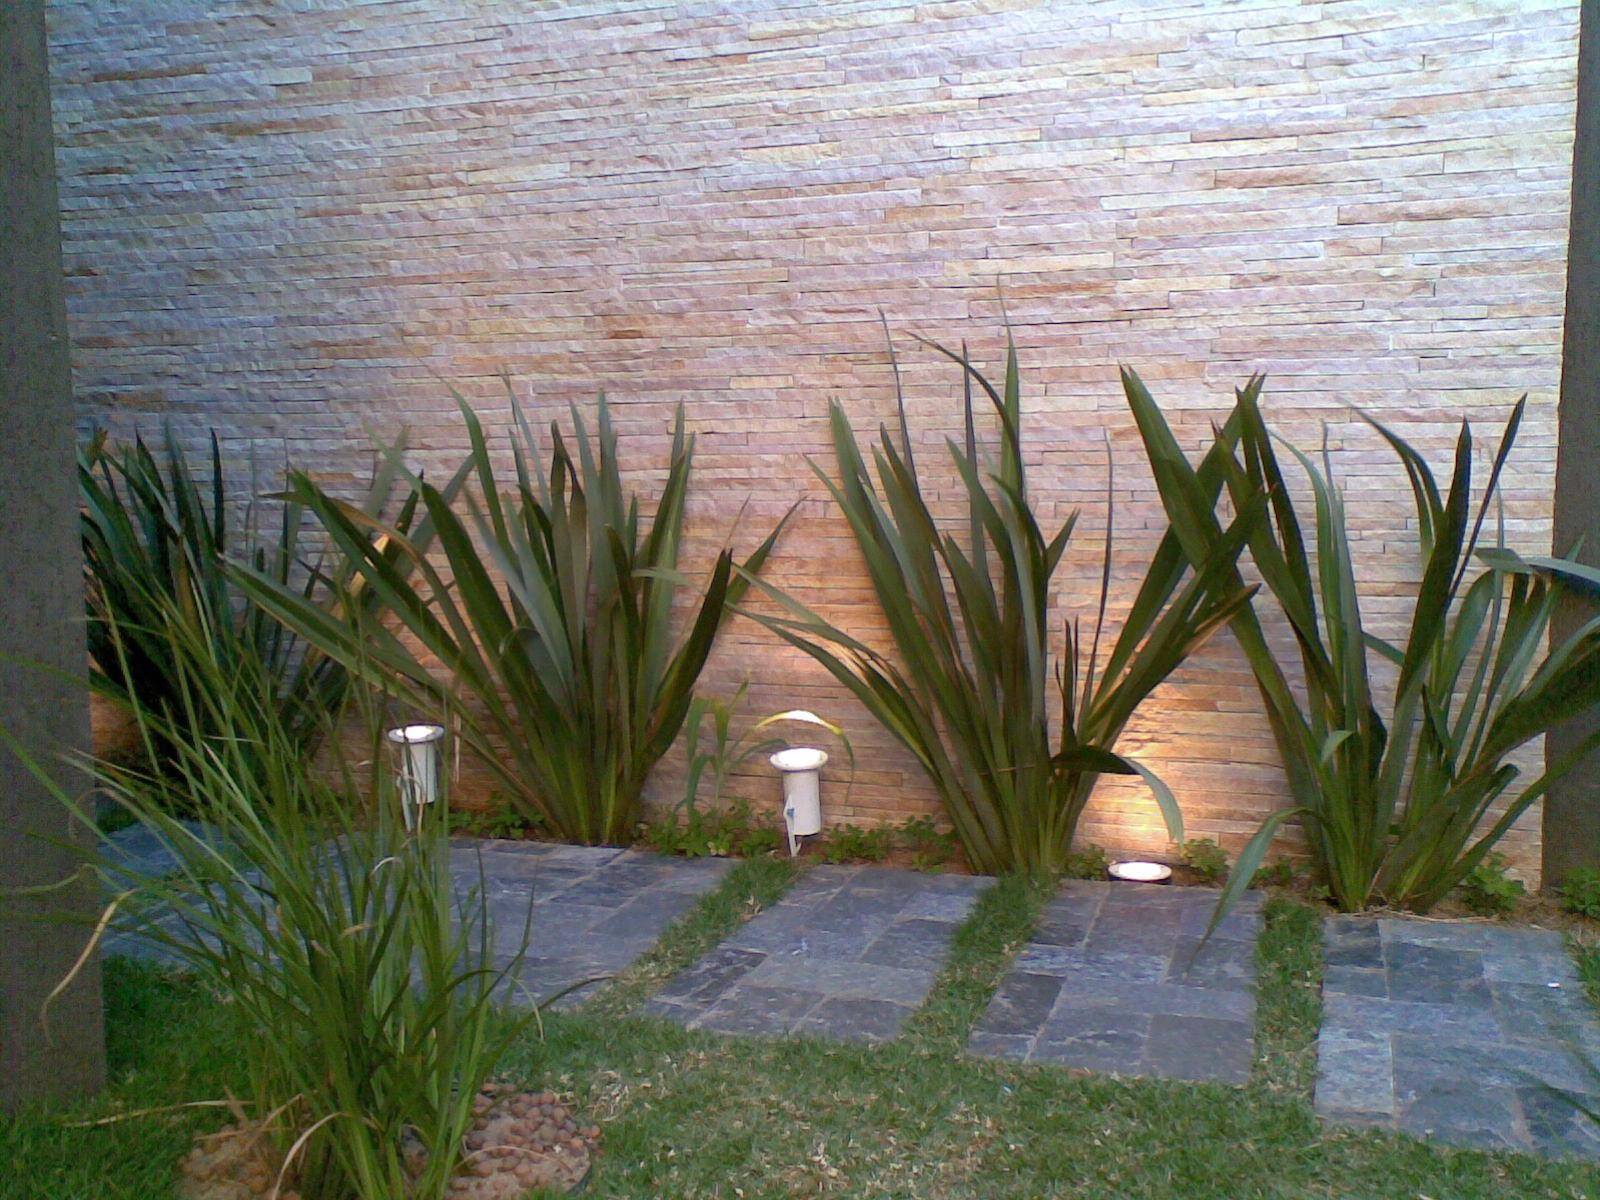 iluminacao de jardim tipos : iluminacao de jardim tipos:Iluminação do jardim, realçando as plantas escolhidas com